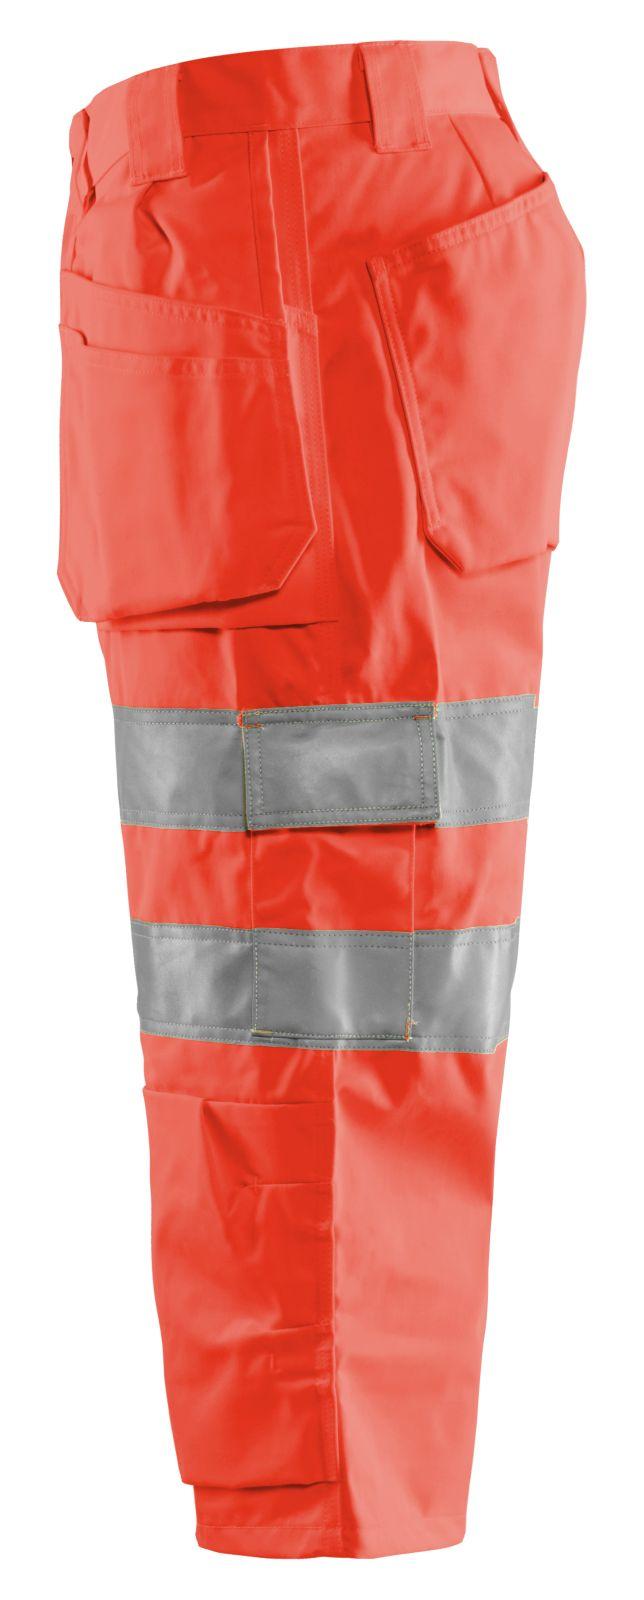 Blaklader Piraatbroeken 15391804 High Vis rood(5500)